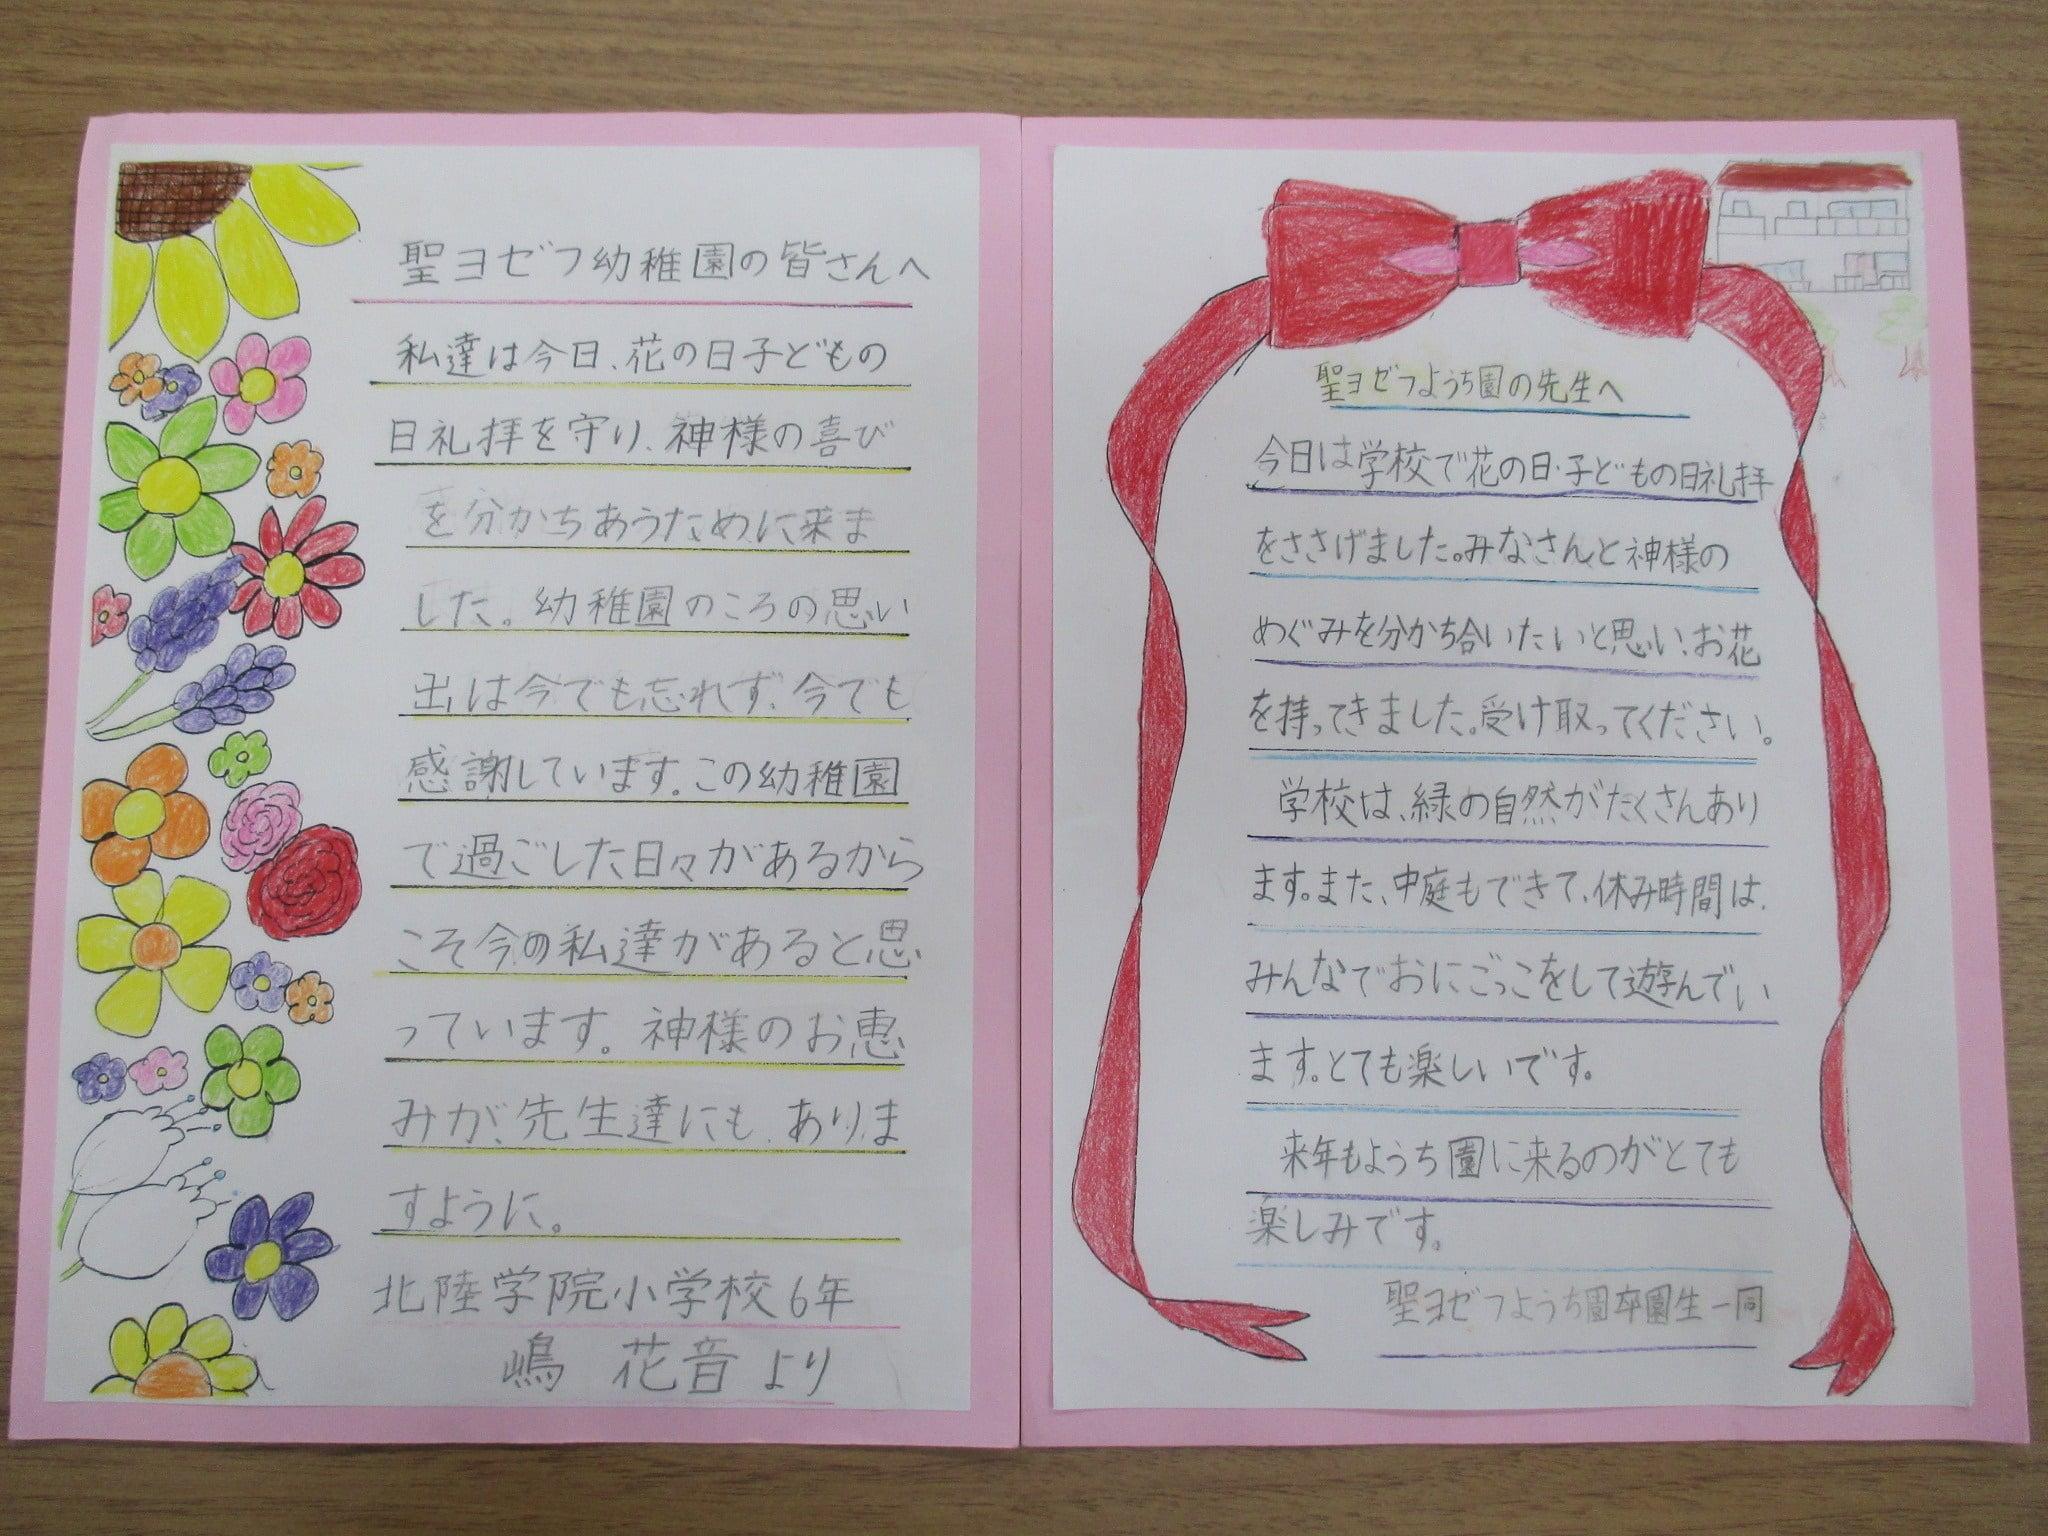 幼稚園 の 先生 へ の メッセージ